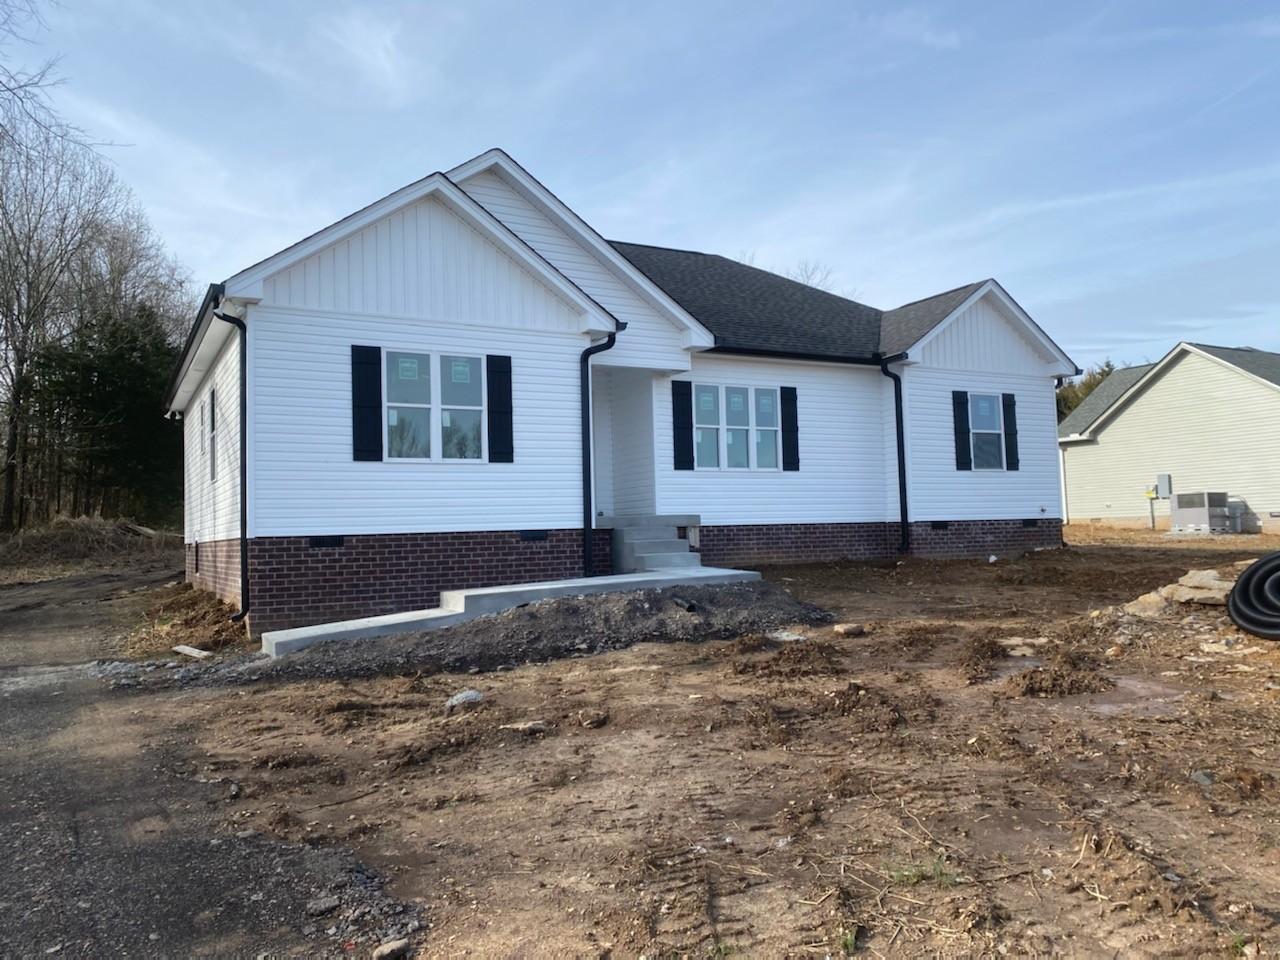 1055 Brummitt Rd, Castalian Springs, TN 37031 - Castalian Springs, TN real estate listing